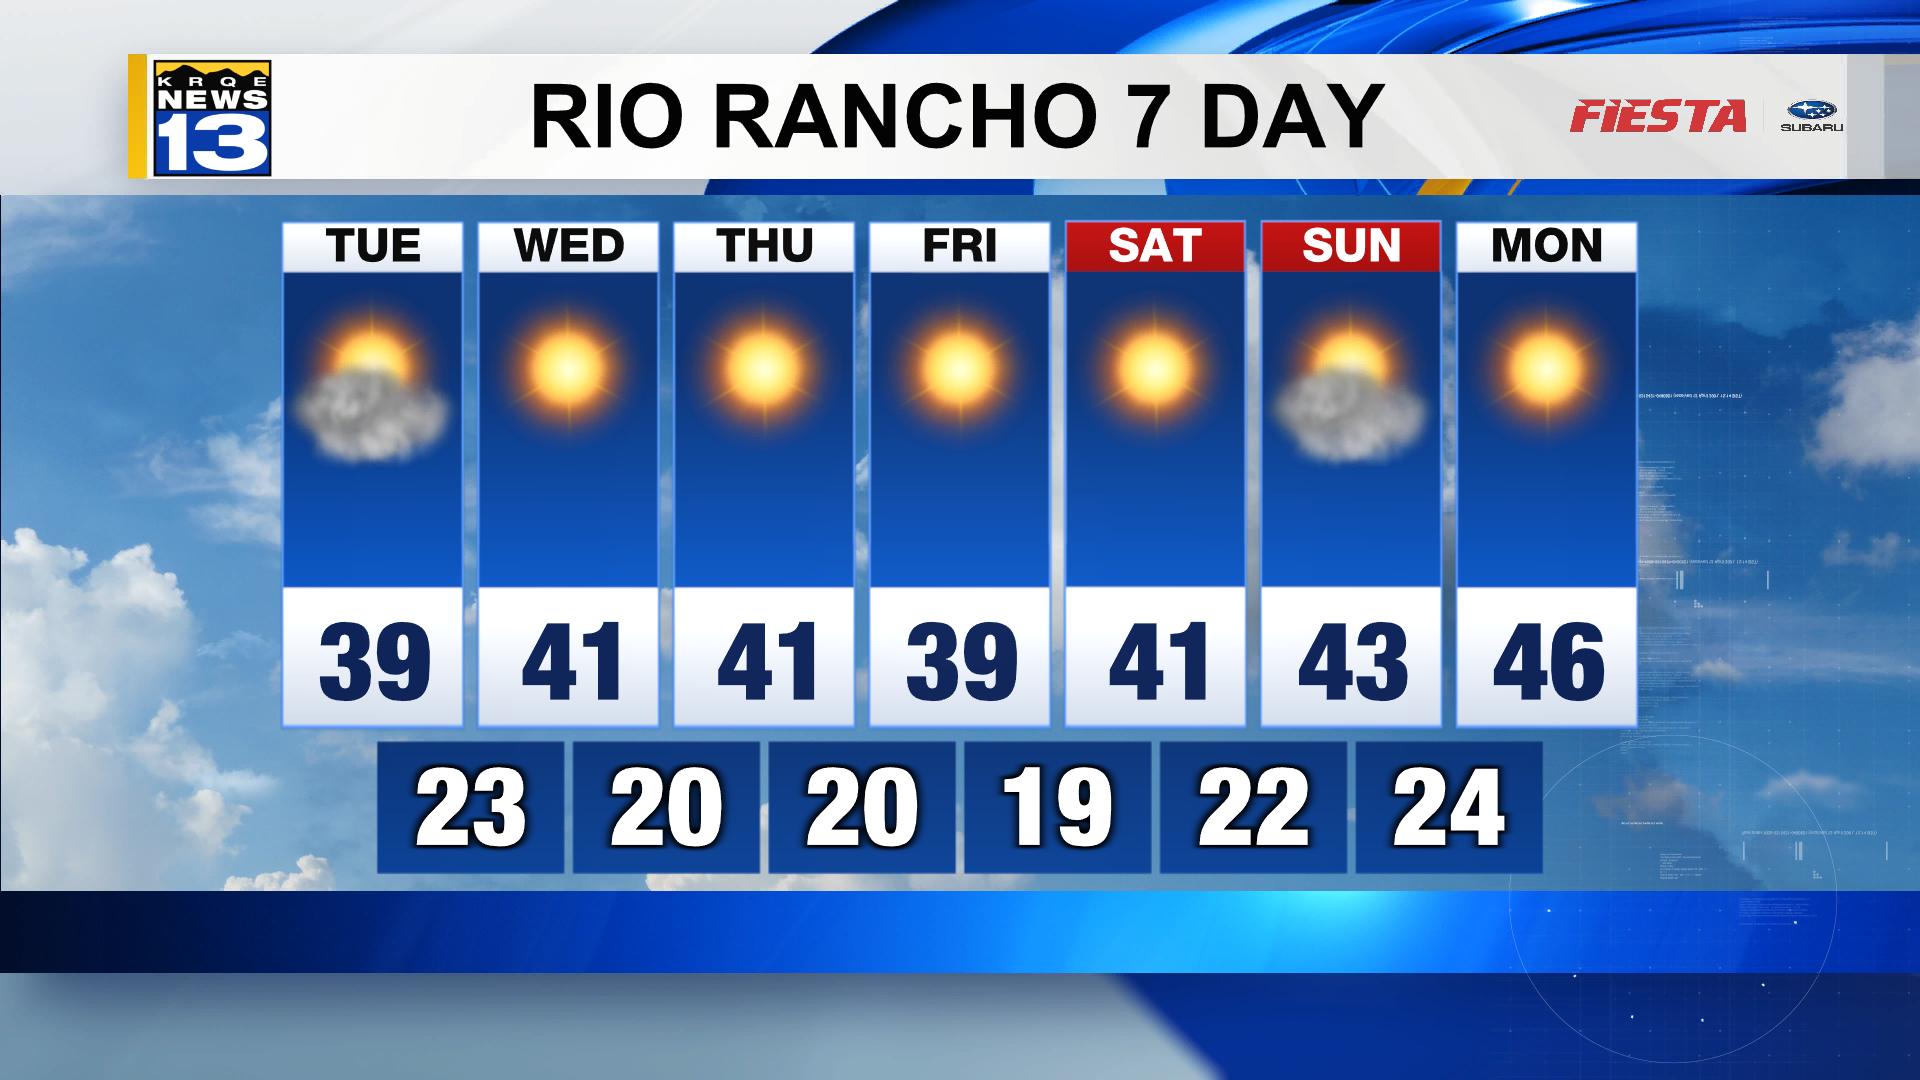 Rio Rancho Weather